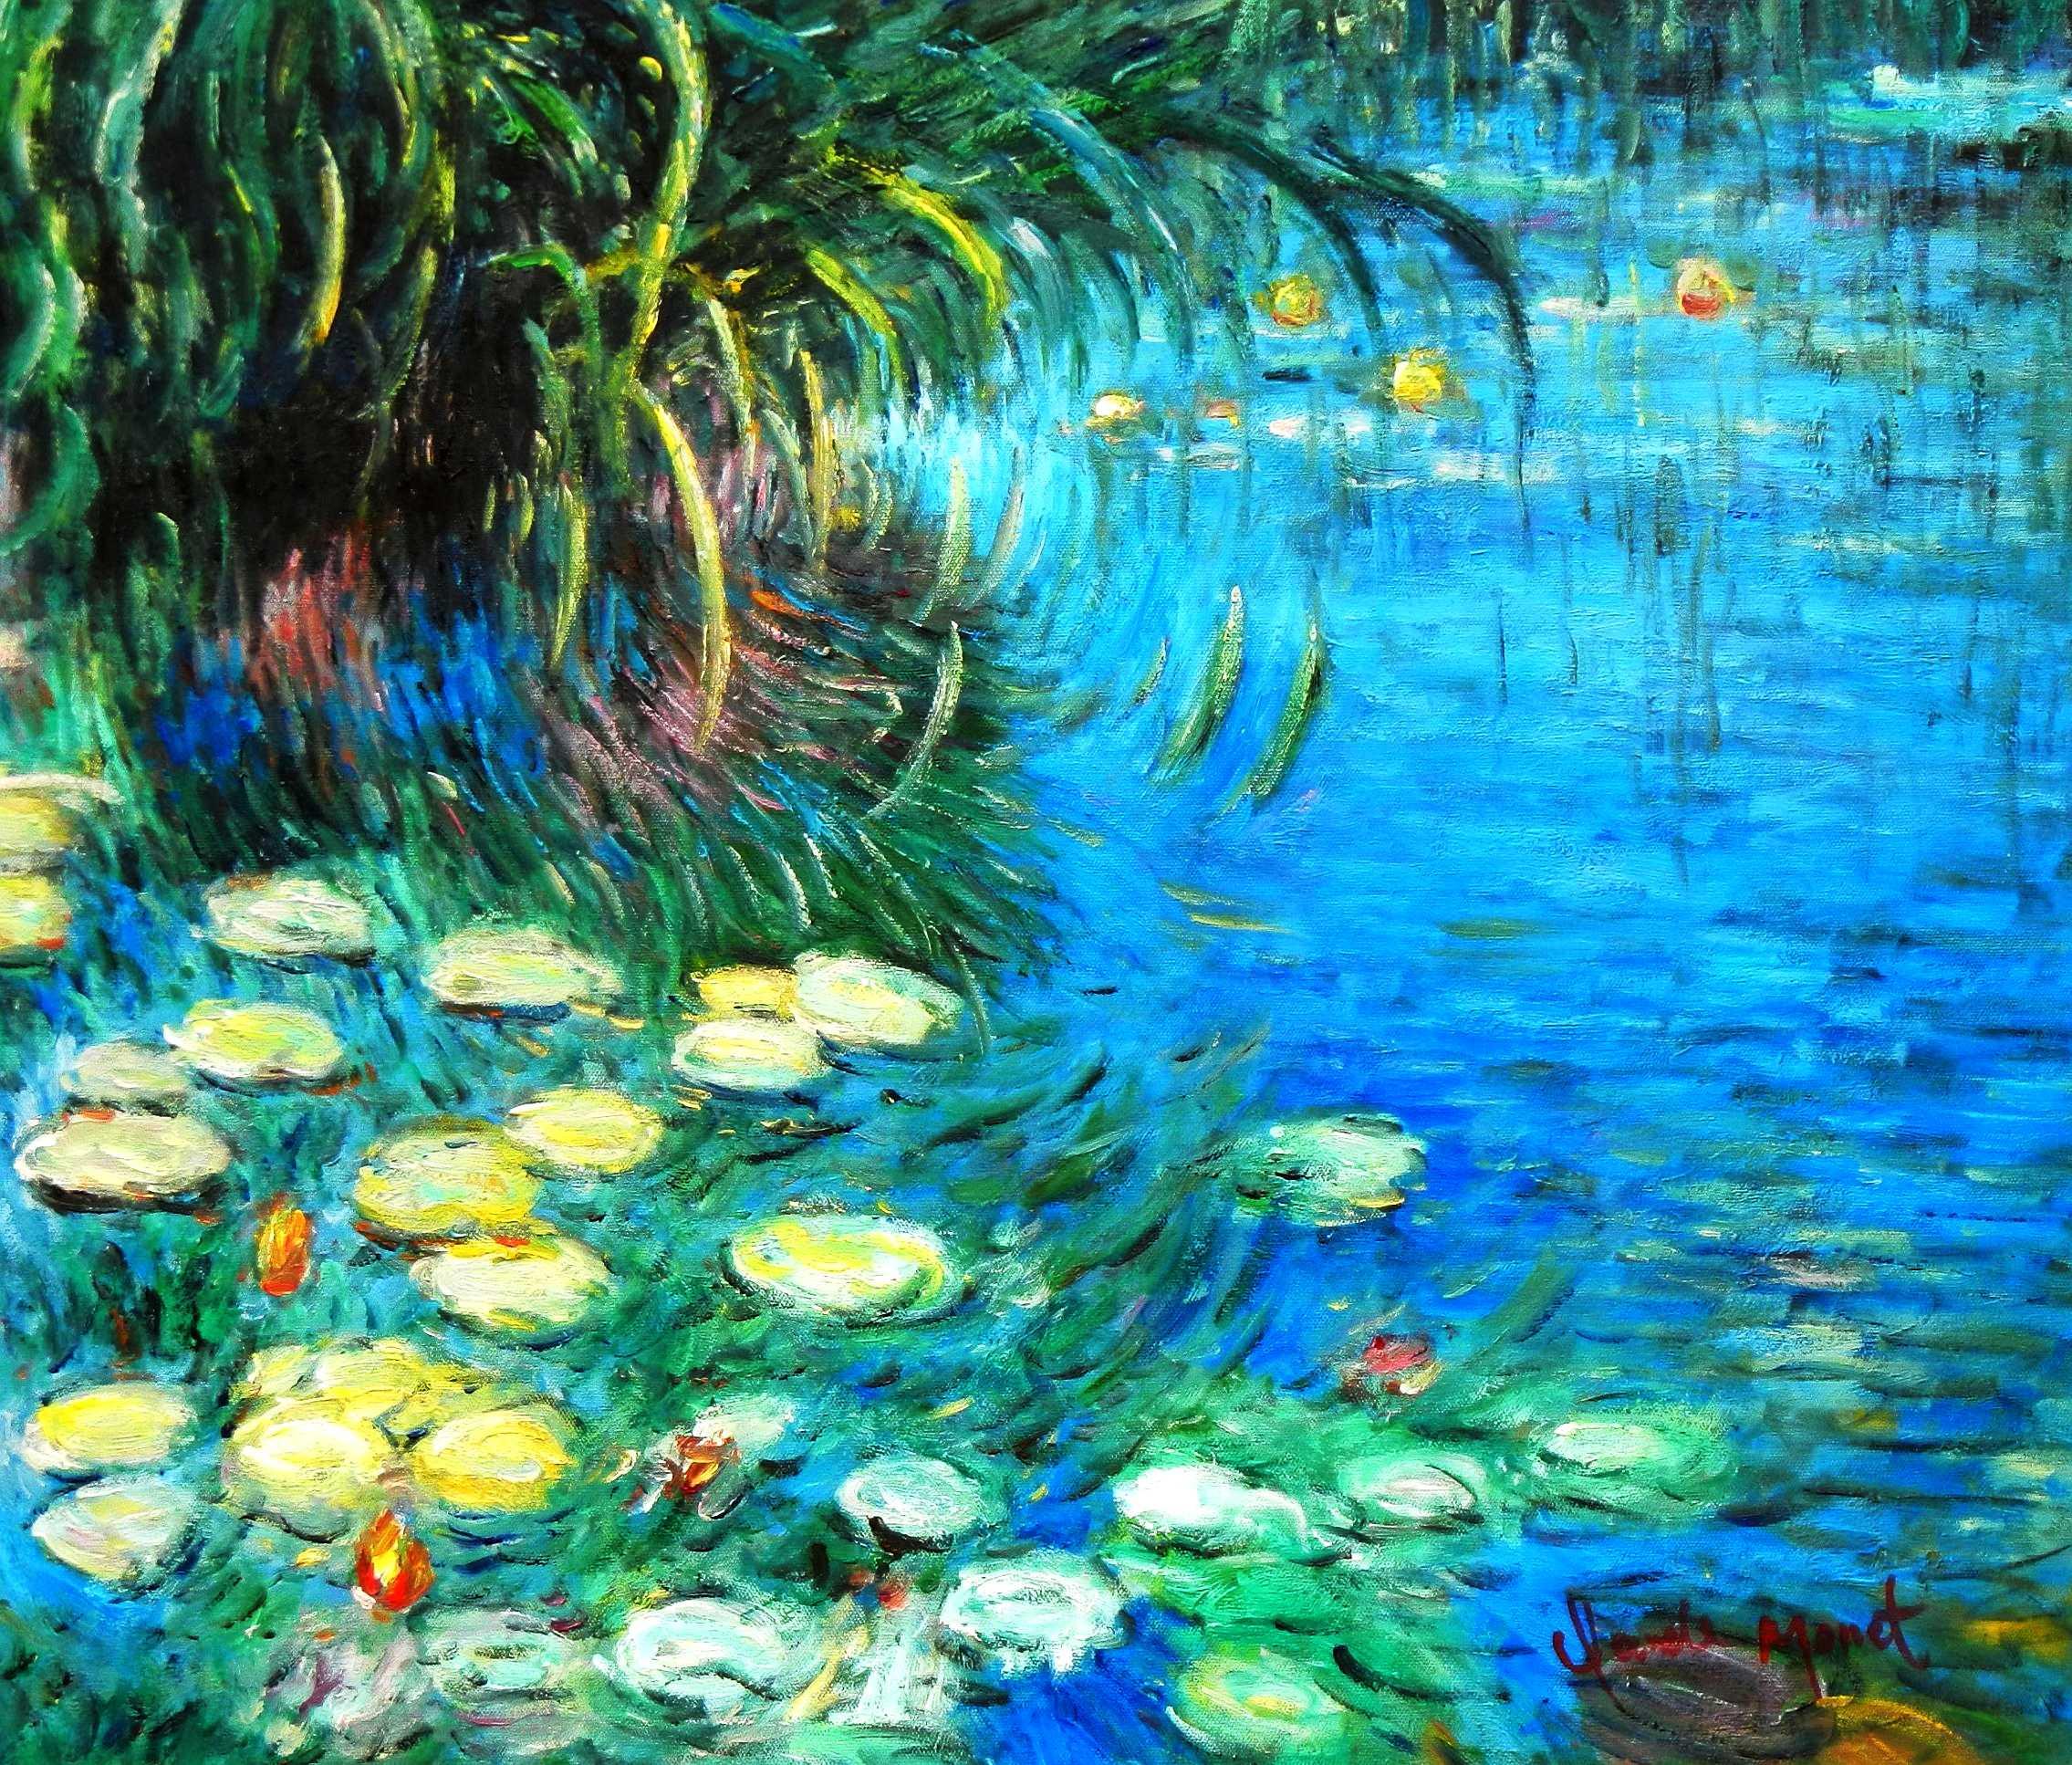 Claude Monet - Seerosen und Schilf c94850 50x60cm Ölgemälde handgemalt